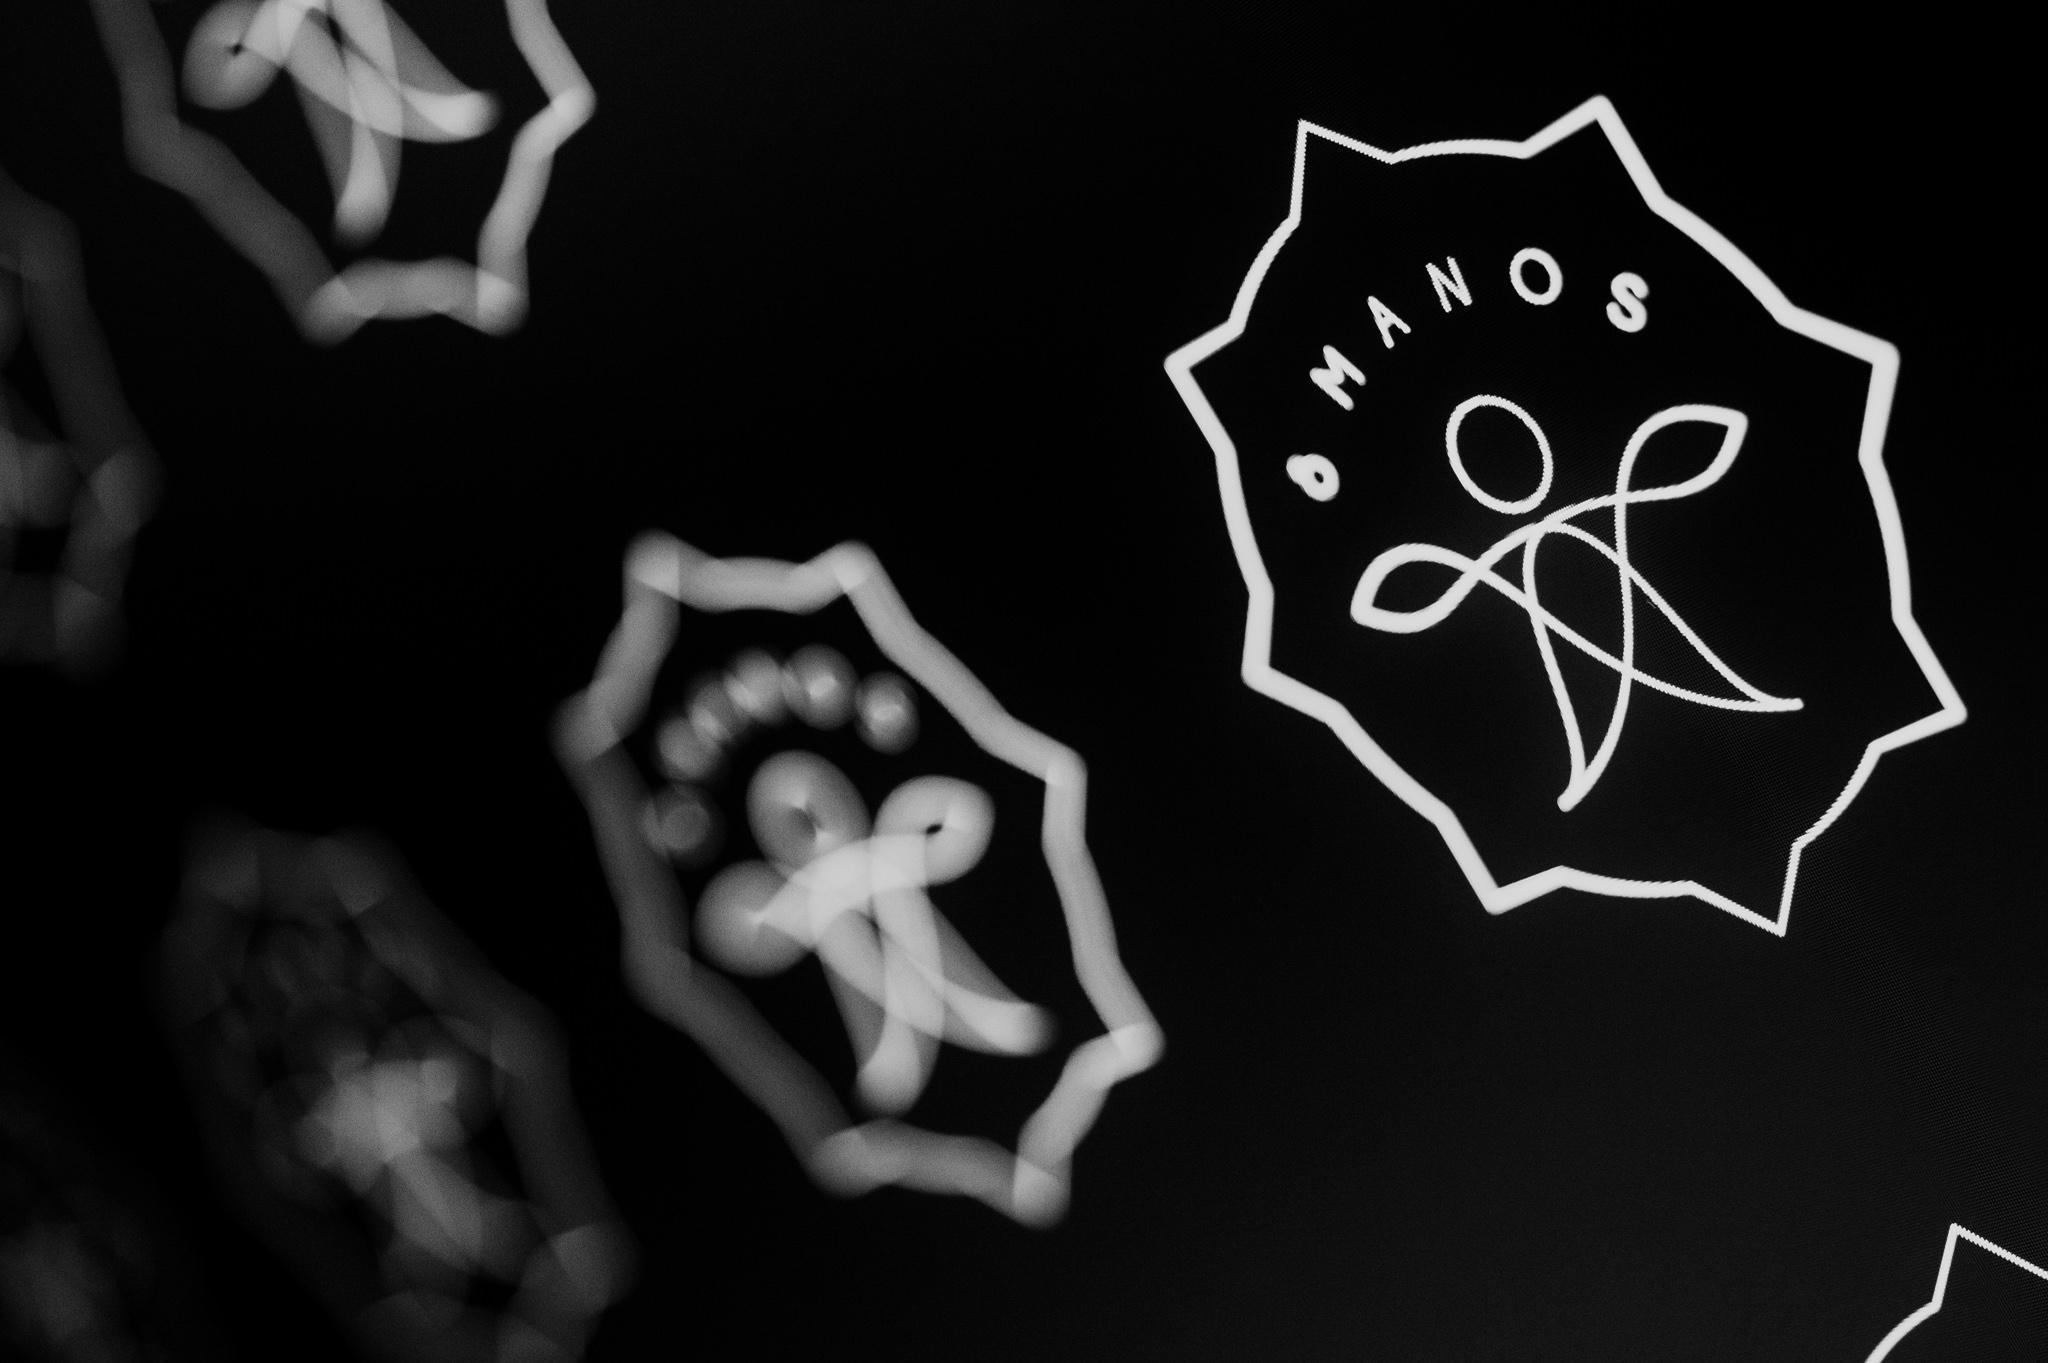 GD_8manos_logo_11